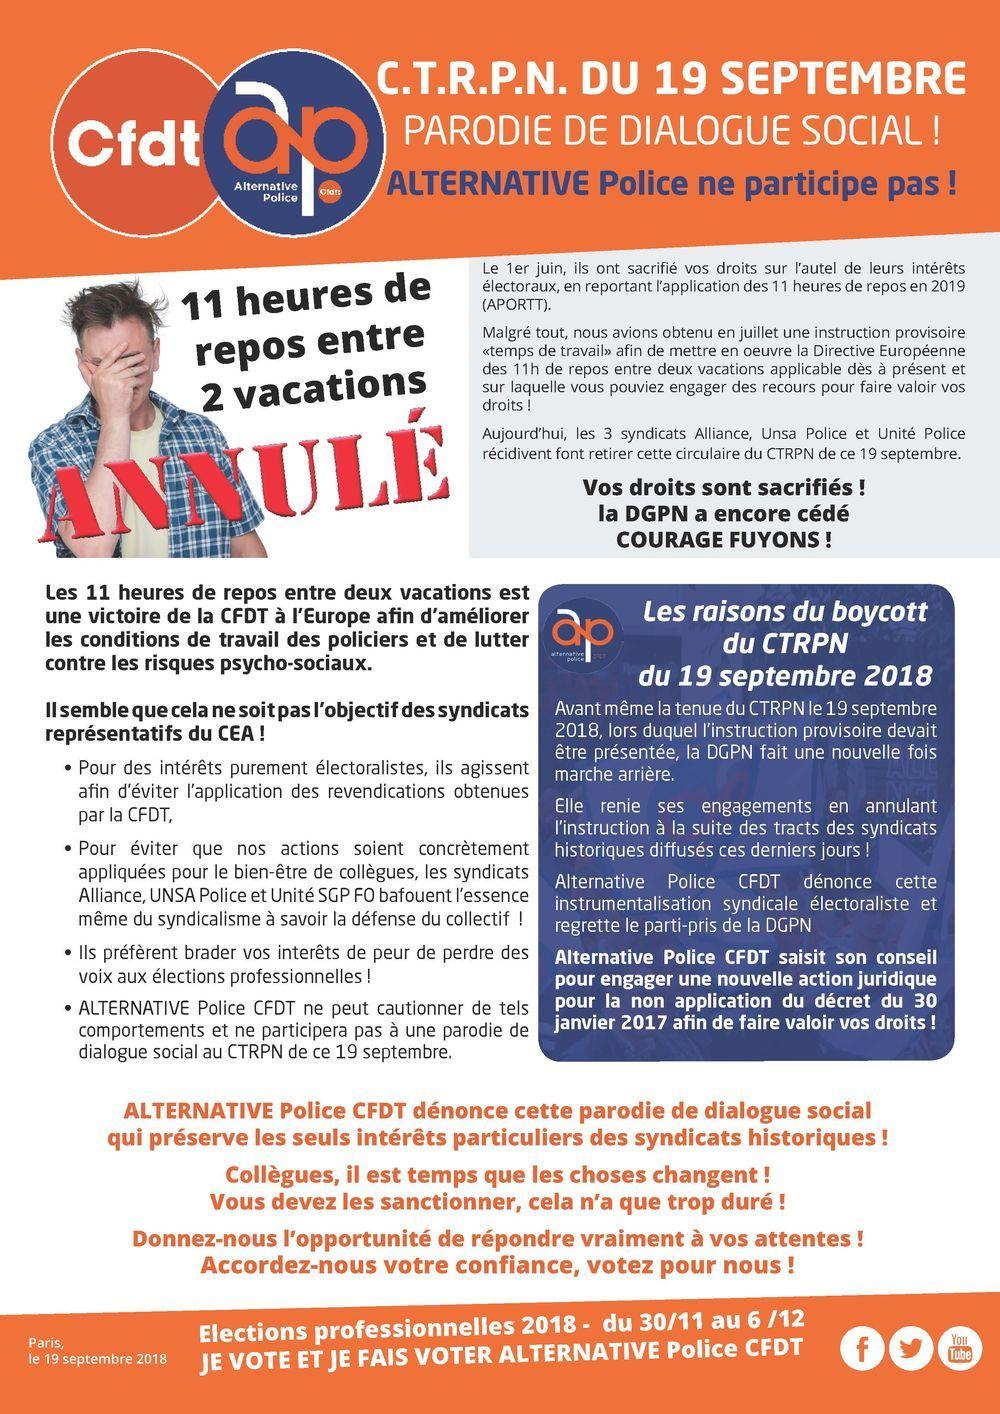 Tems de travail - CTRPN du 19 septembre